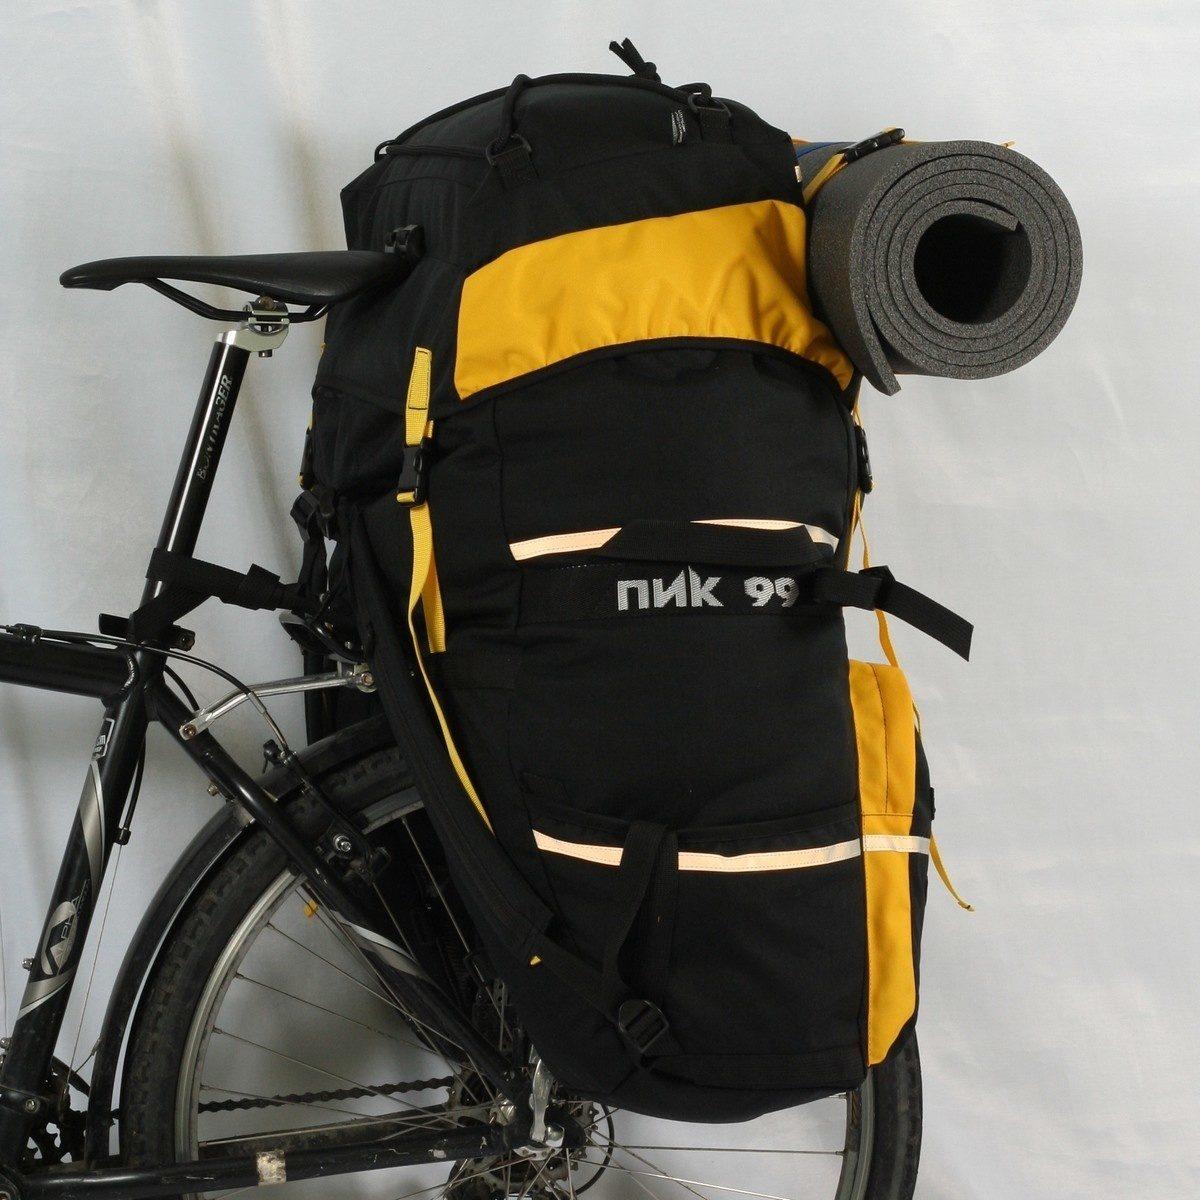 Рюкзак штаны сделать рюкзак школьный winx 643a3/w